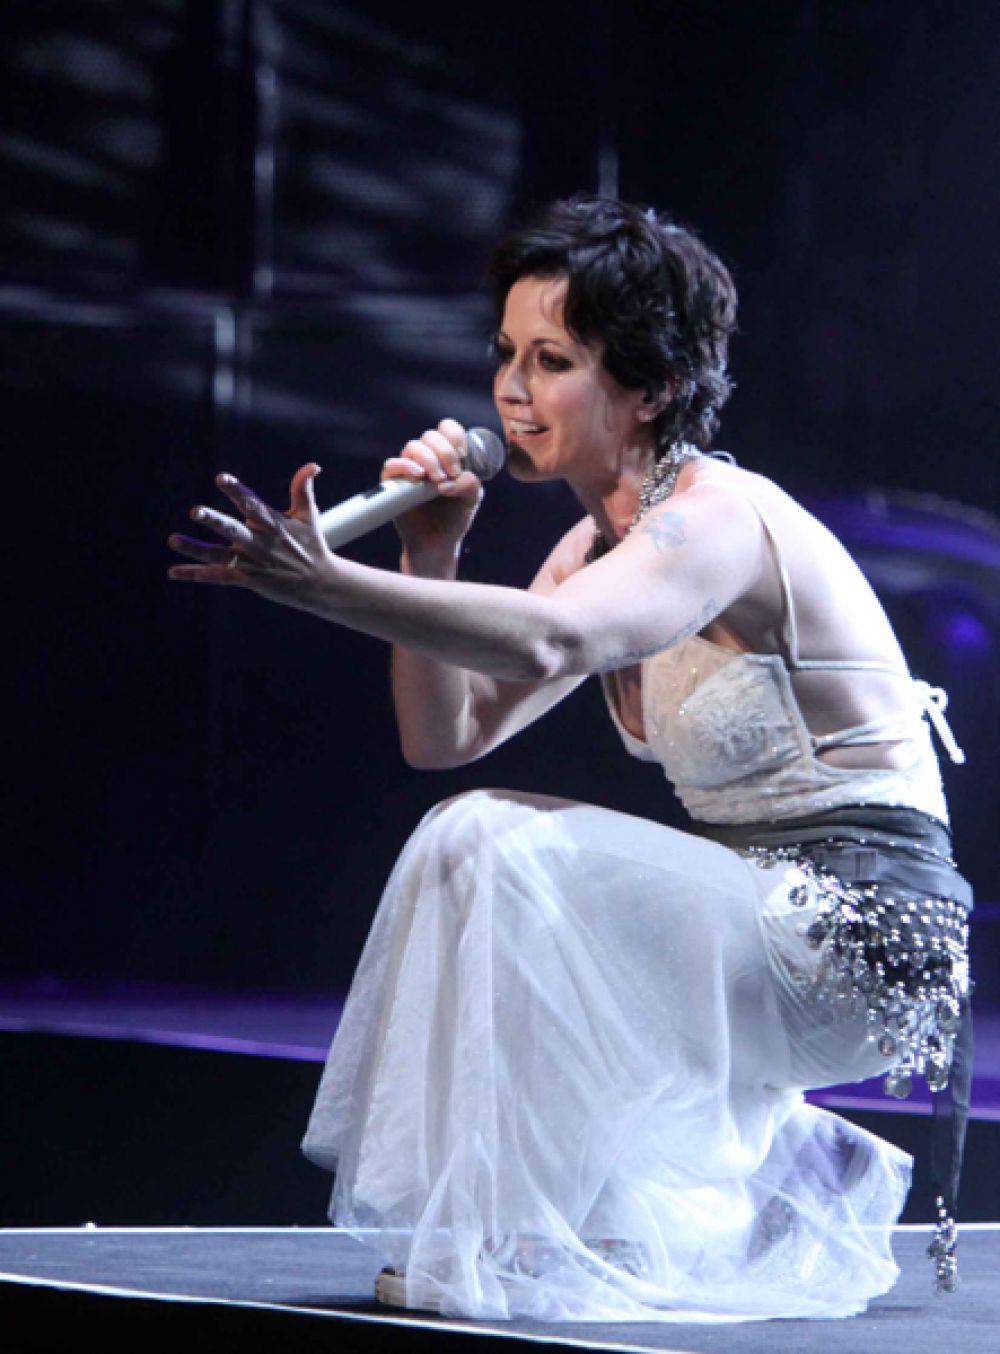 Долорес О'Риордан выступает с The Cranberries в Пекине, Китай. 28 июля 2011 года.